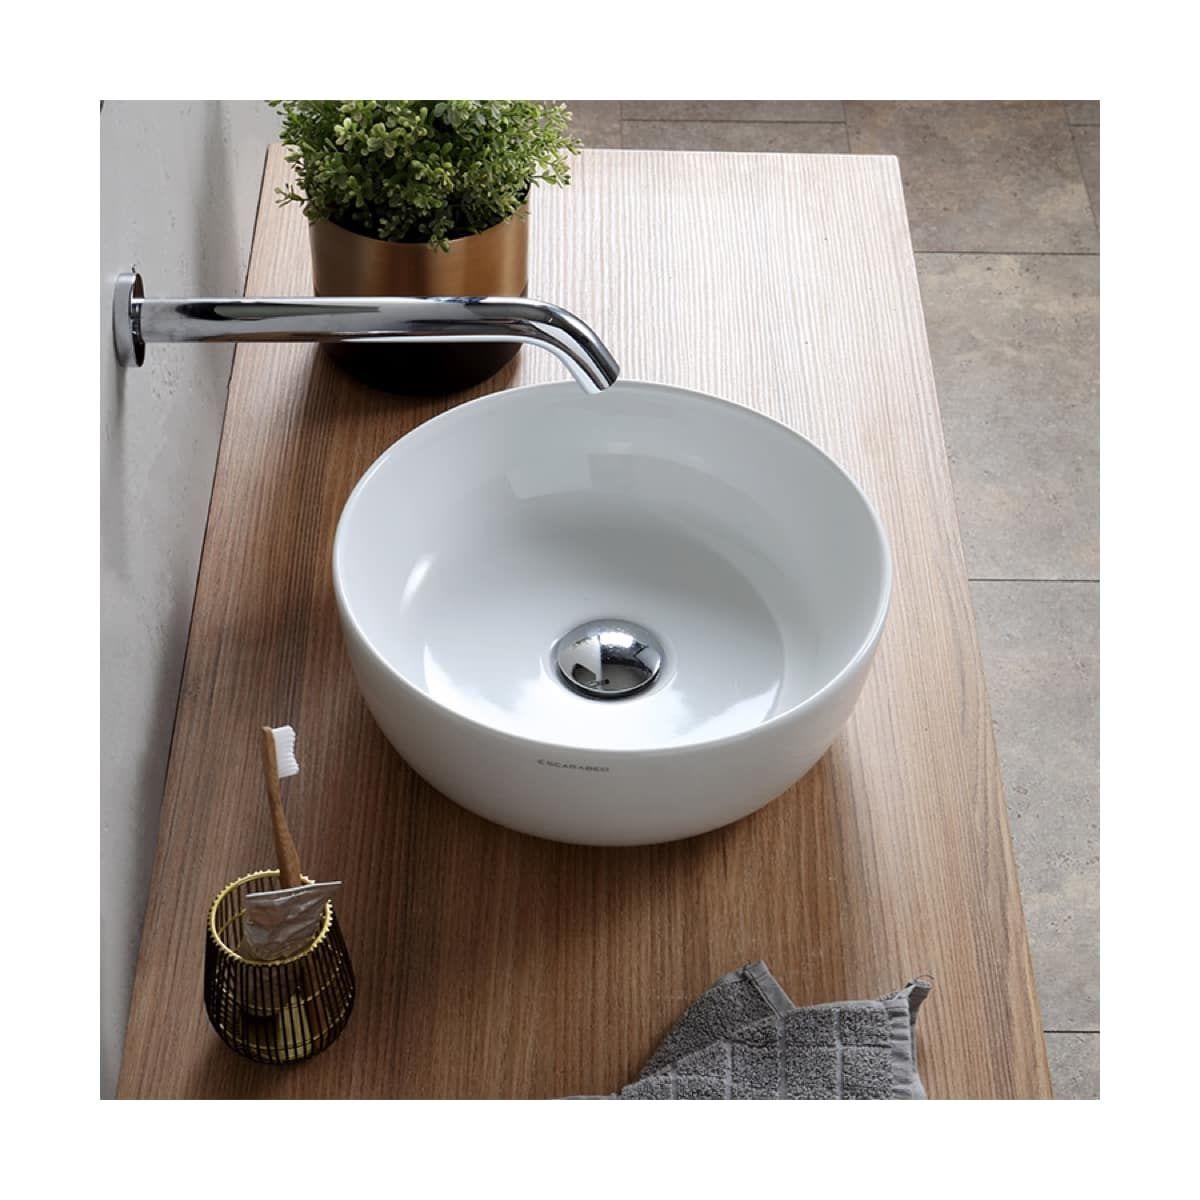 Nameeks Scarabeo 1808 Build Com In 2020 Bathroom Sink Sink Small Bathroom Sinks